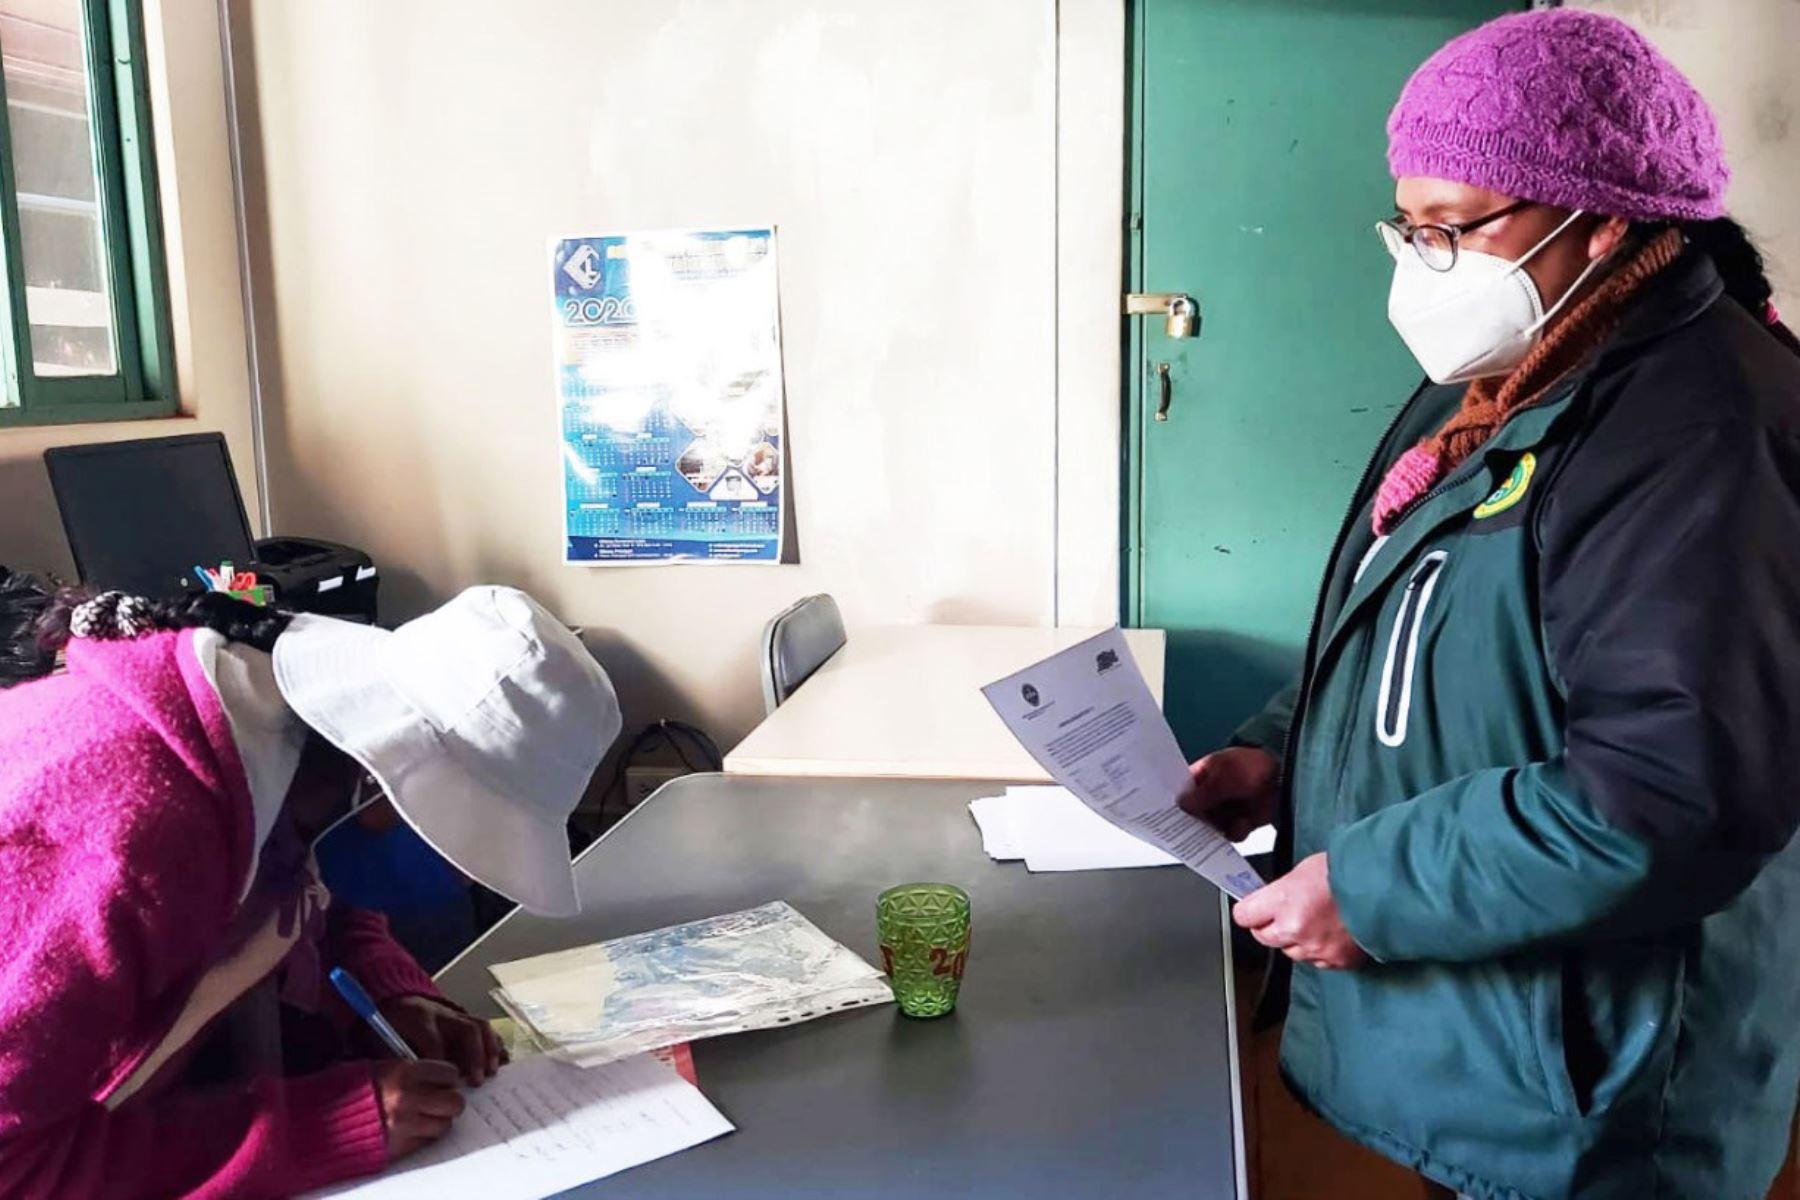 Las agencias agrarias entregan las acreditaciones a los productores para que puedan movilizarse durante la cuarentena. Foto: ANDINA/Difusión